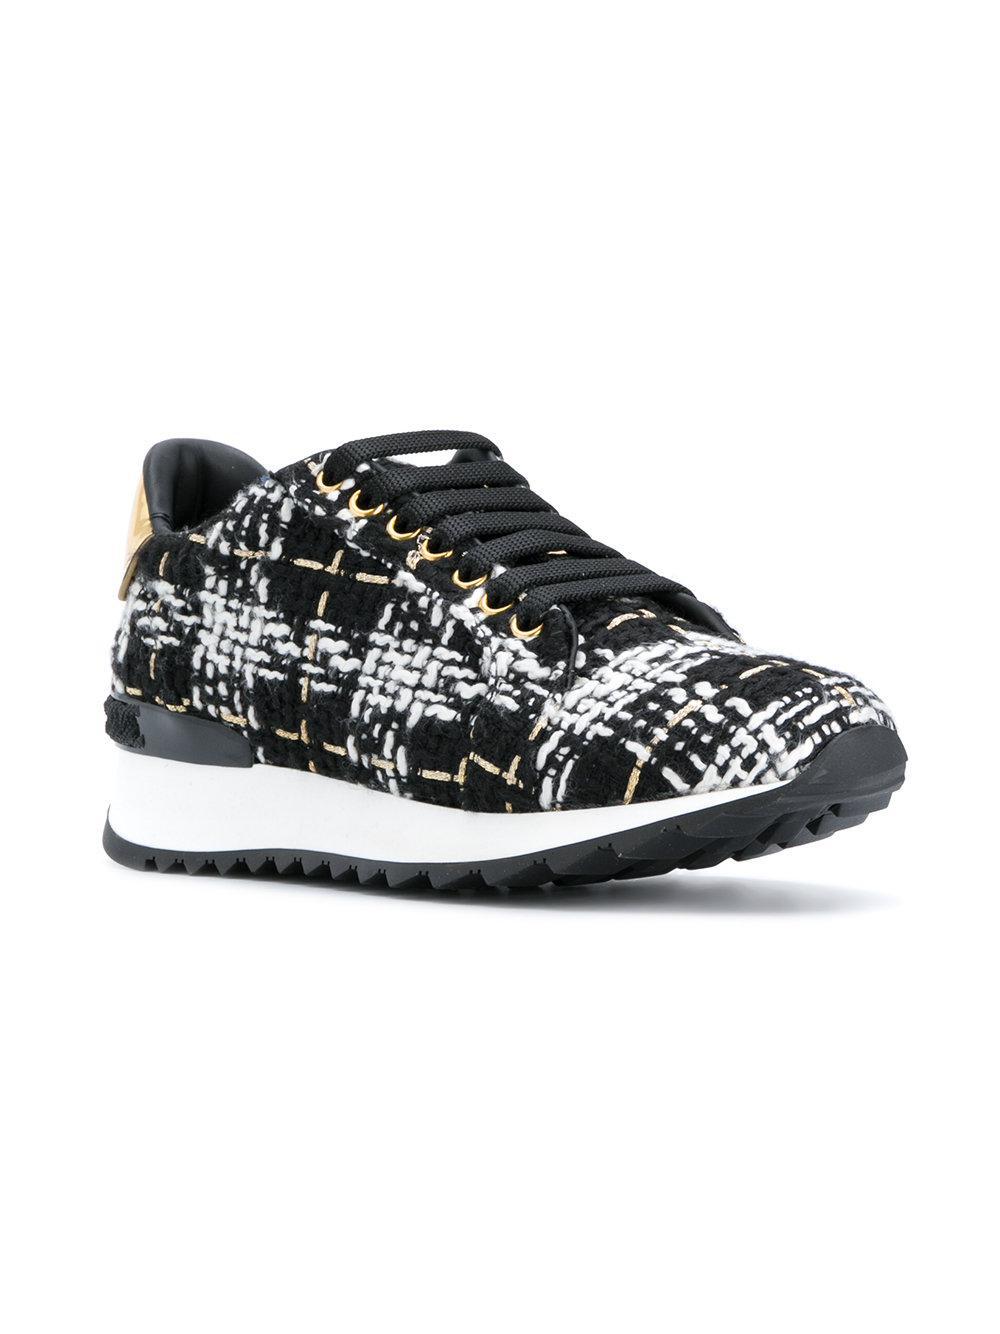 Casadei Tweed Sneakers in Black